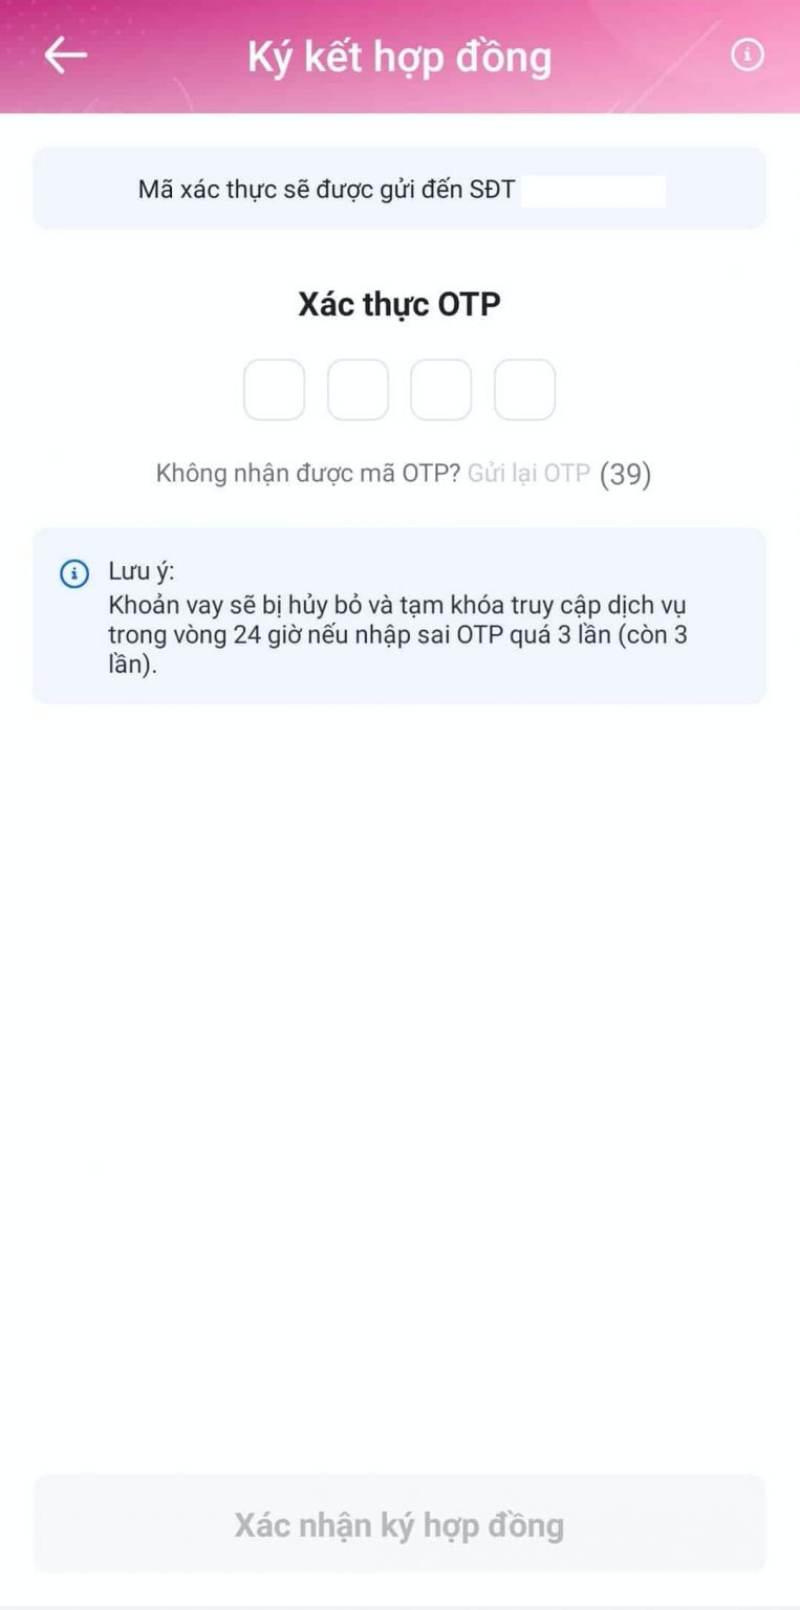 Nhập mã OTP để hoàn tất việc đăng ký khoản vay